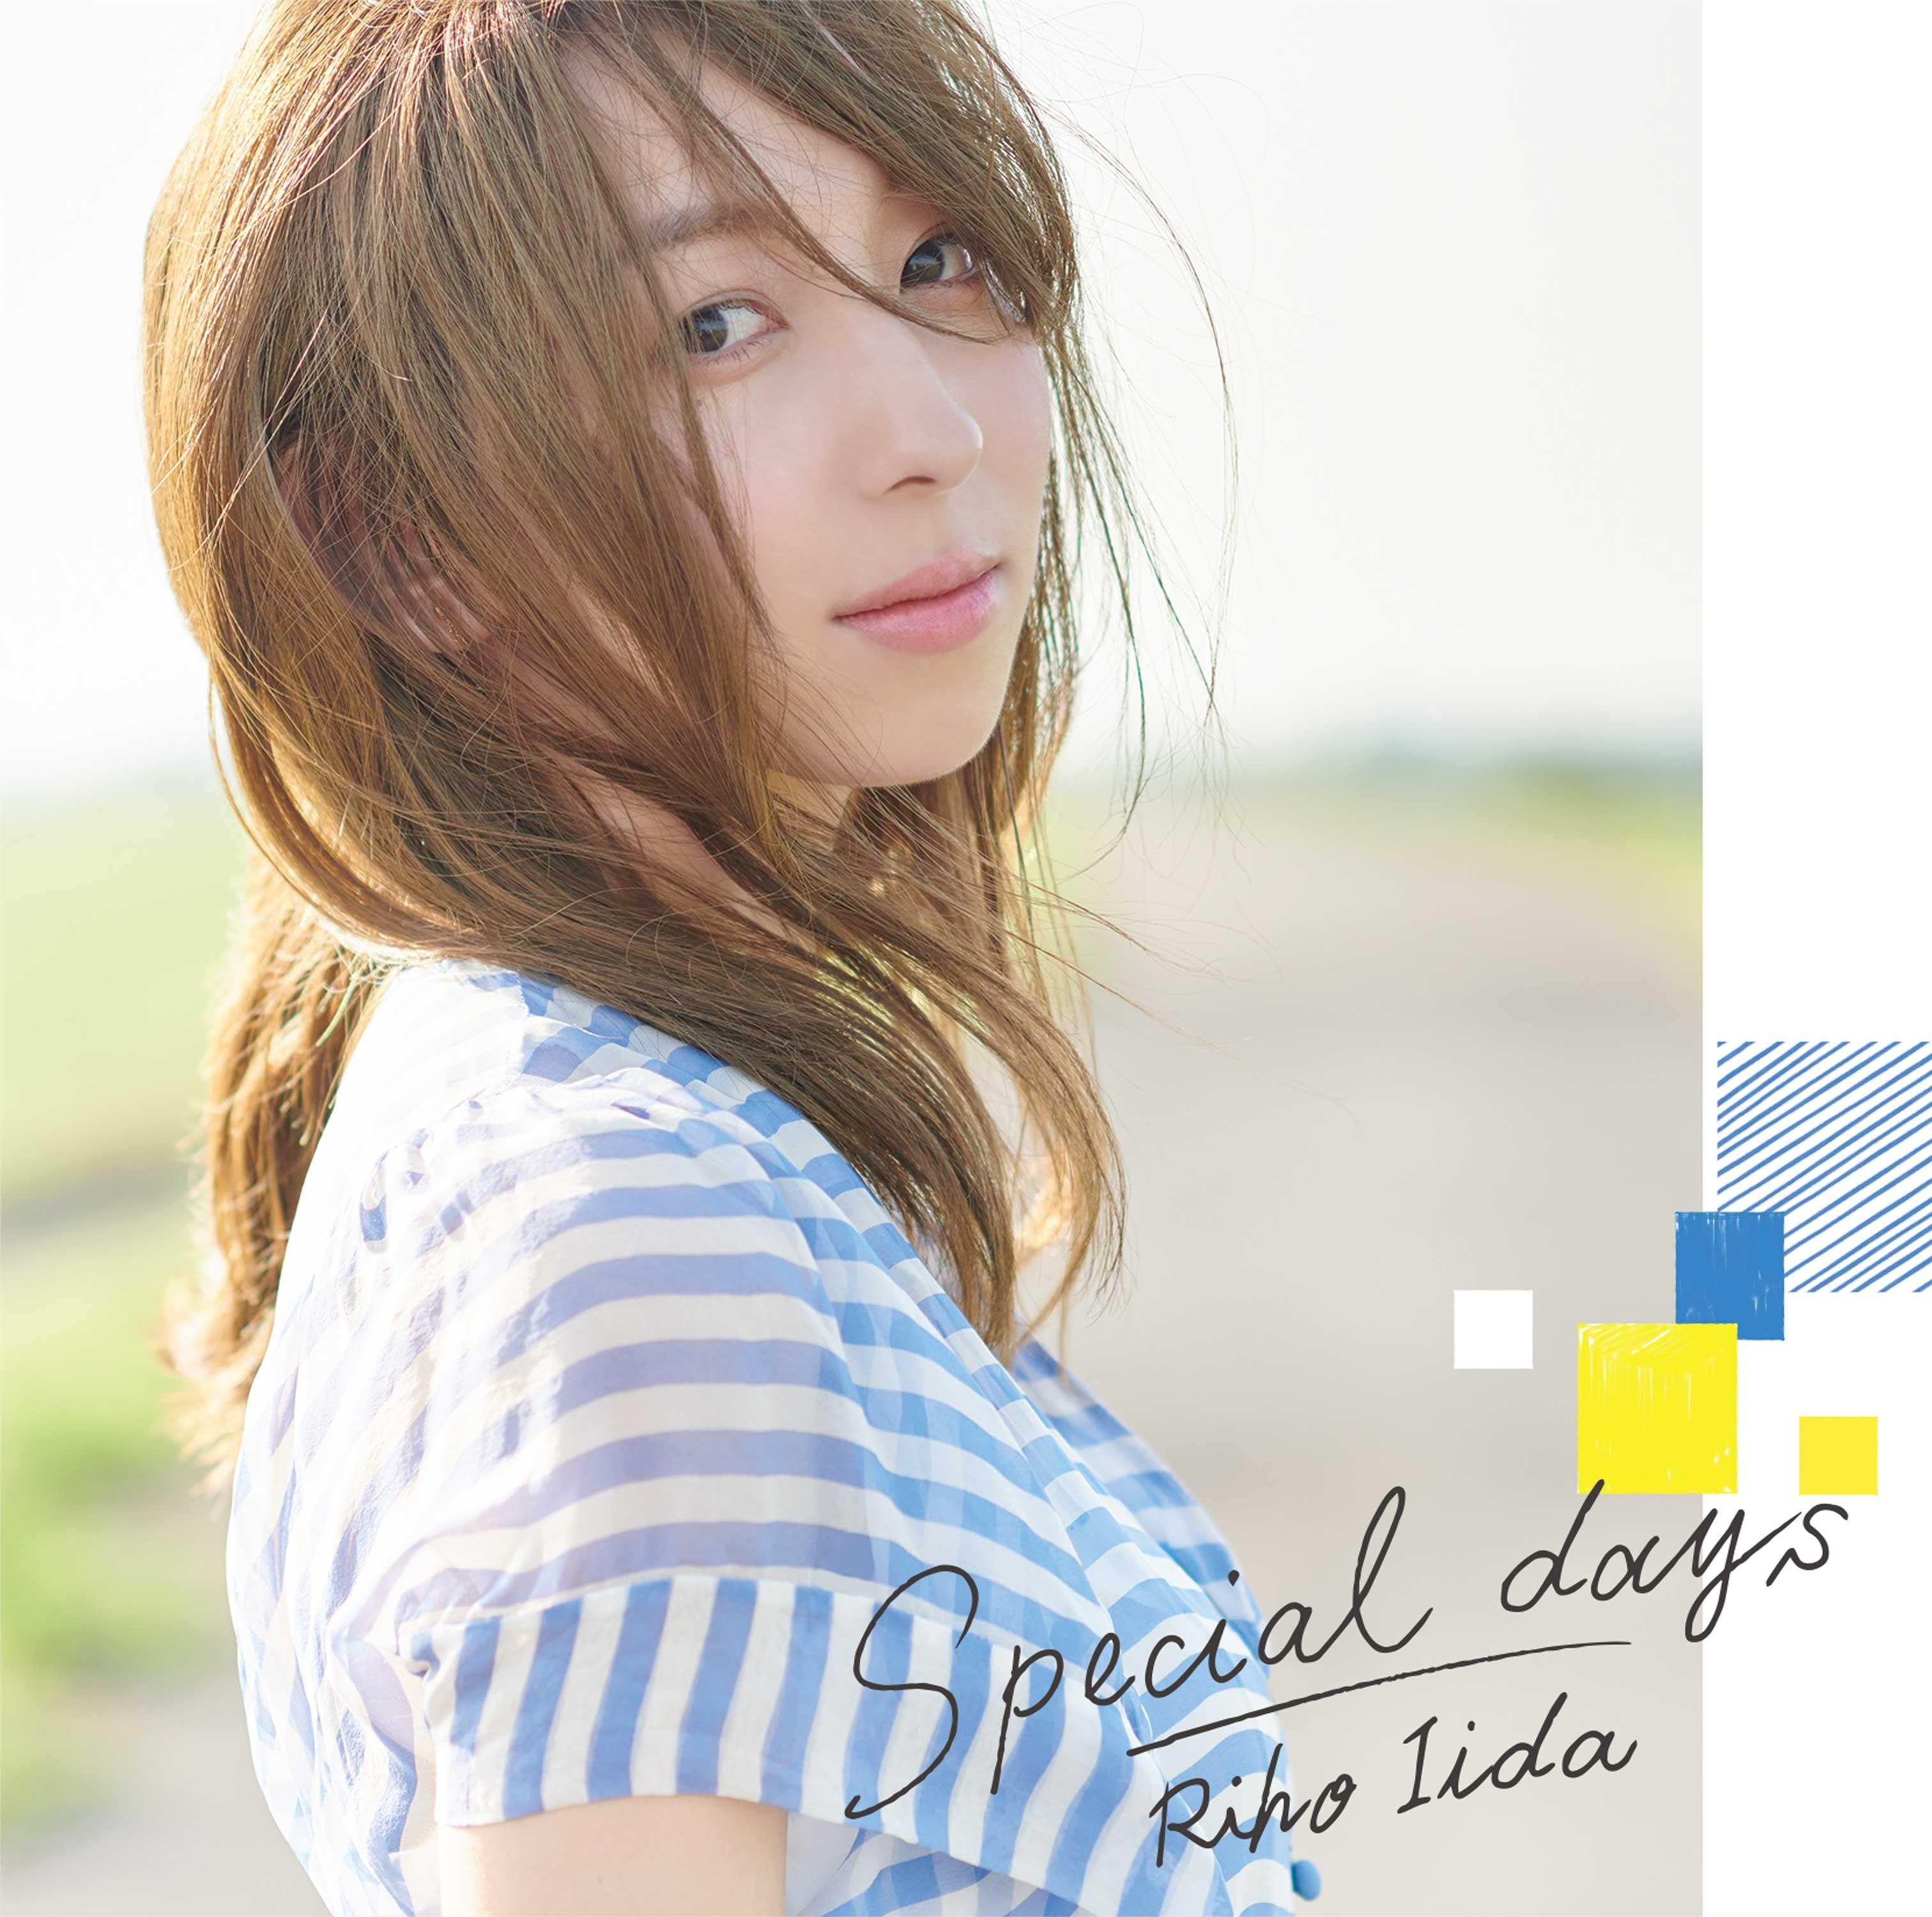 飯田里穂 (Riho Iida) – Special days [FLAC + MP3 320 / CD] [2018.09.05]